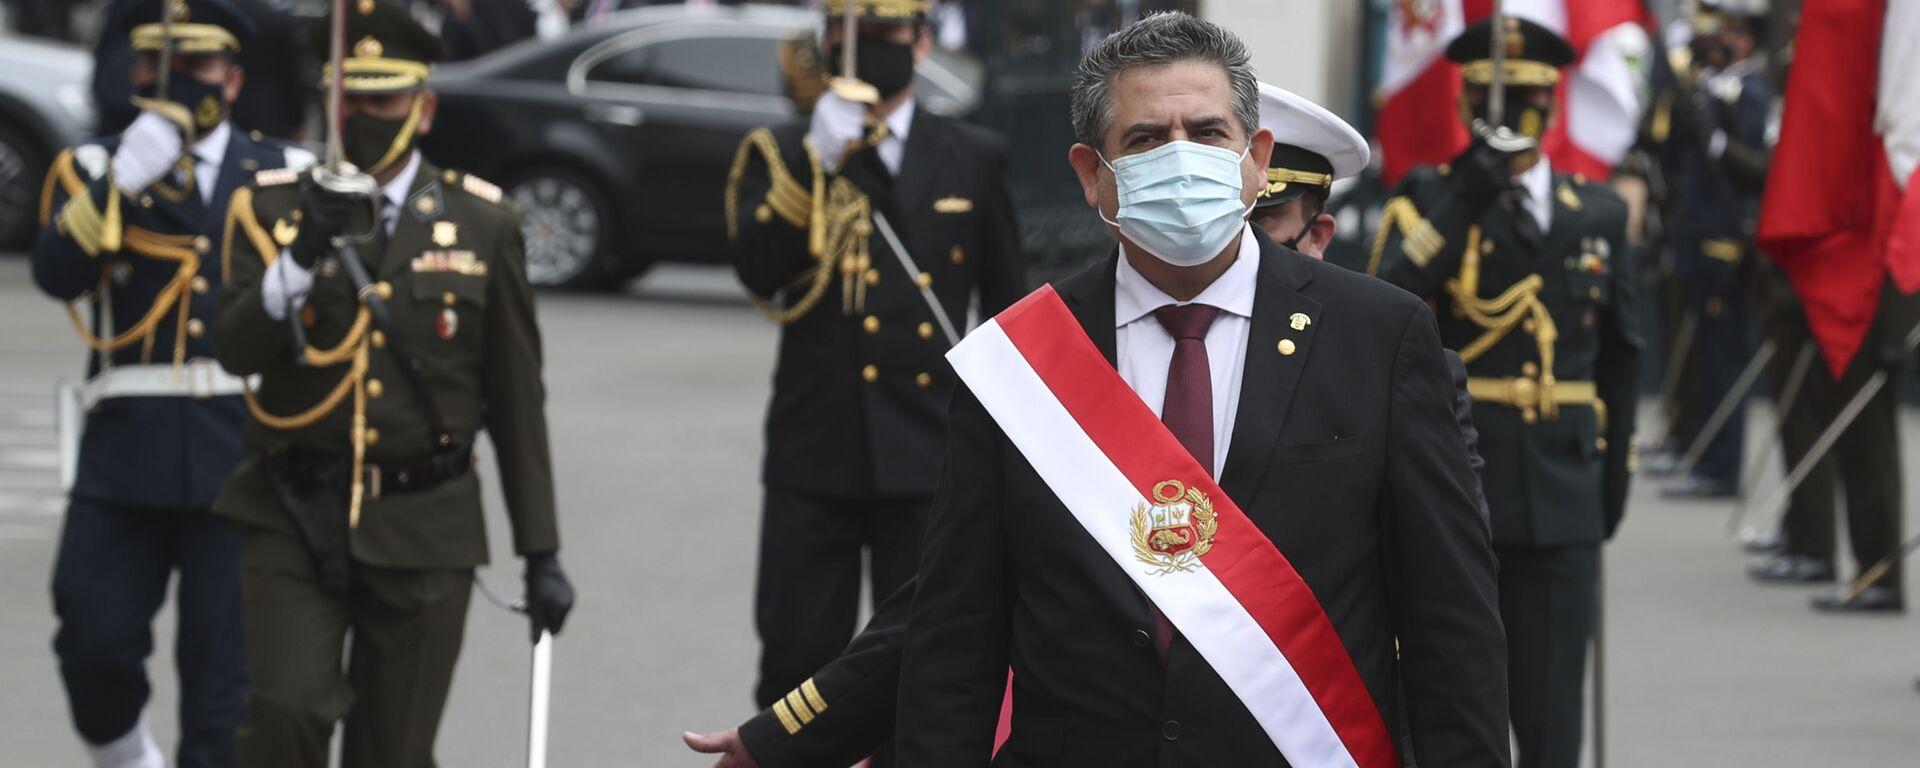 Manuel Merino durante su asunción como presidente de Perú - Sputnik Mundo, 1920, 04.10.2021